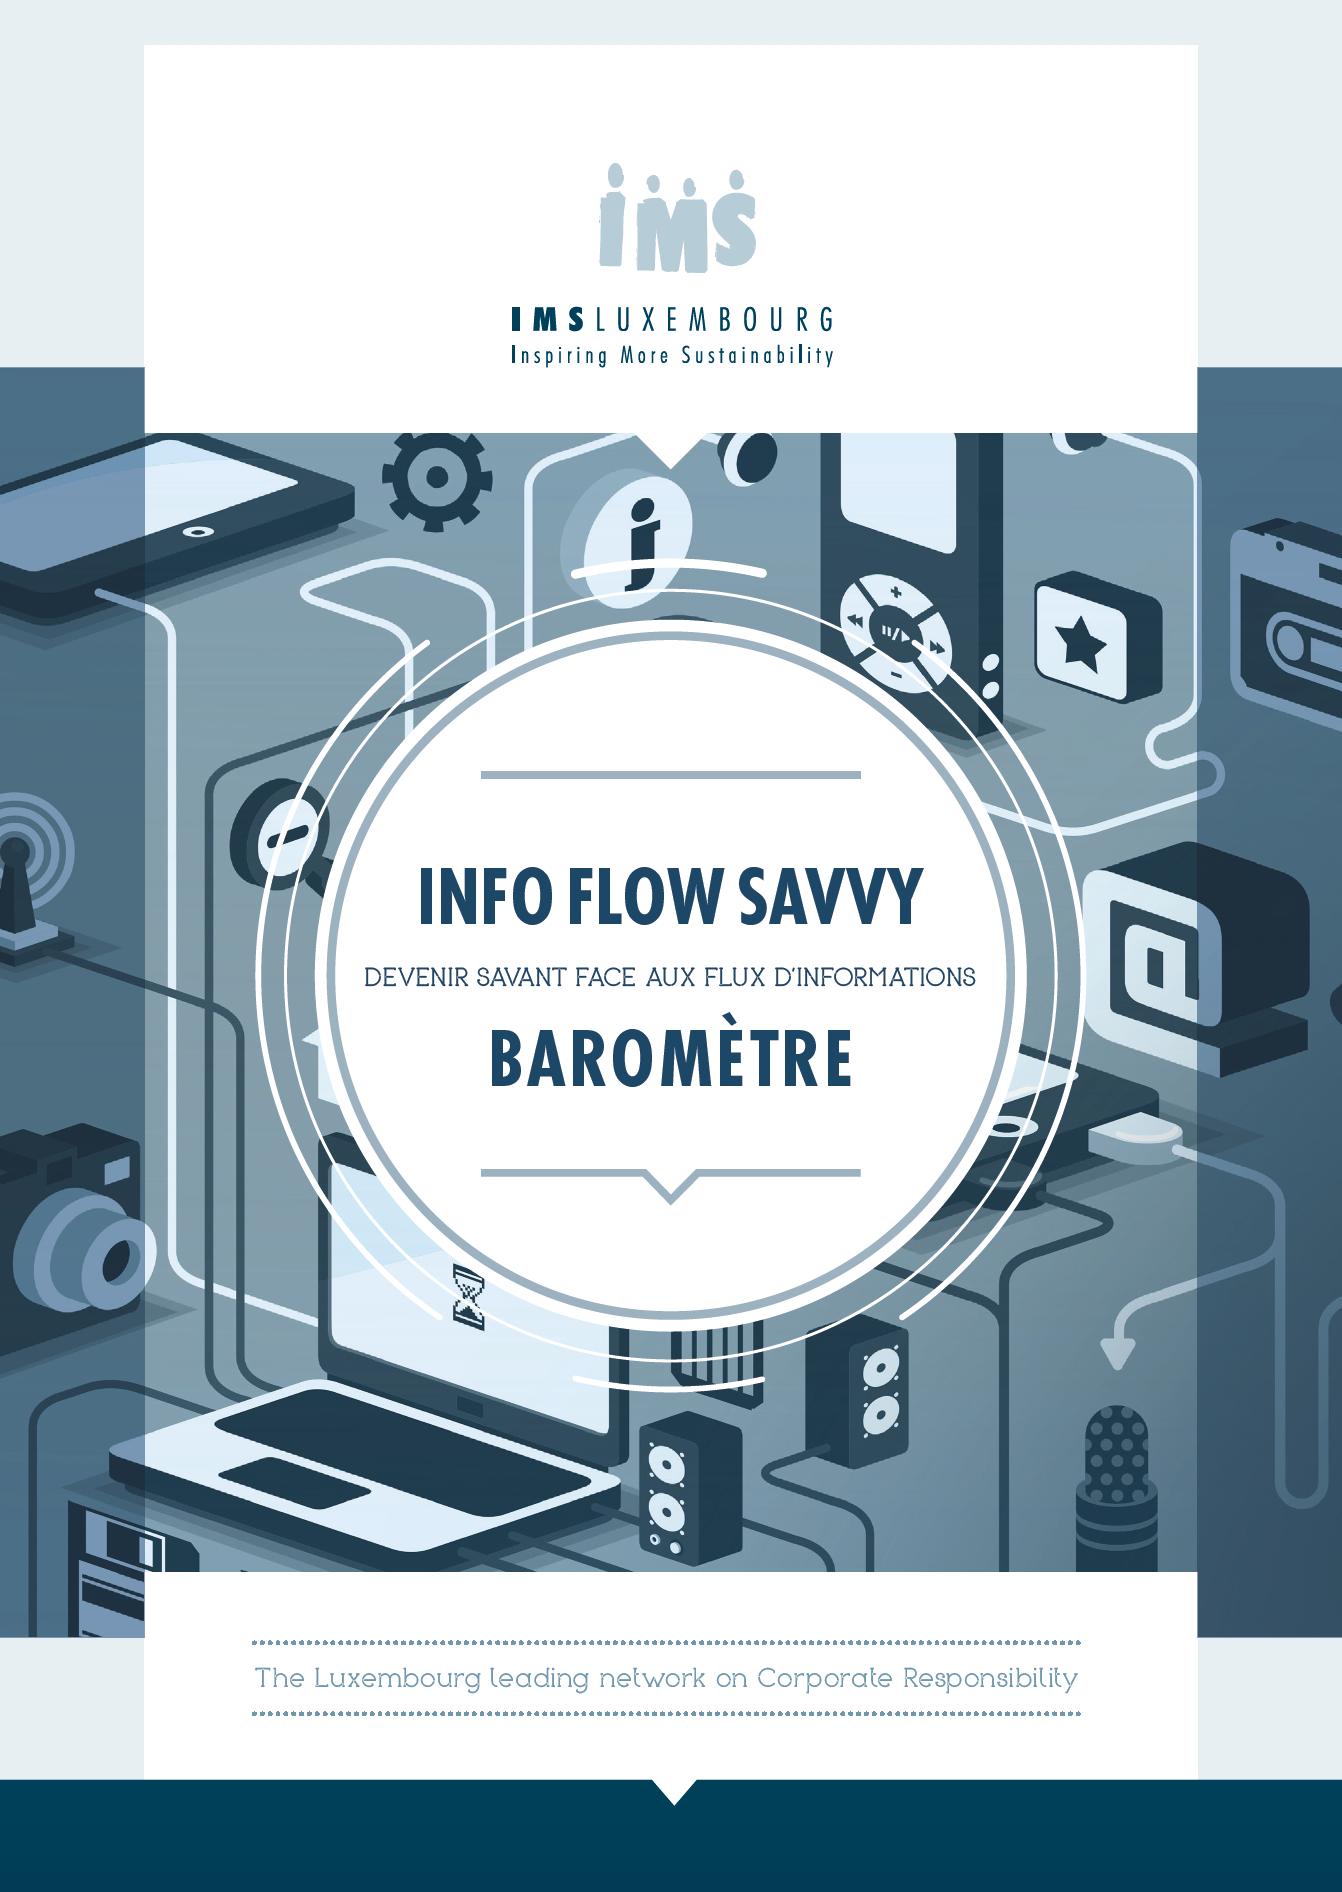 Baromètre du projet FSE - Info Flow Savvy